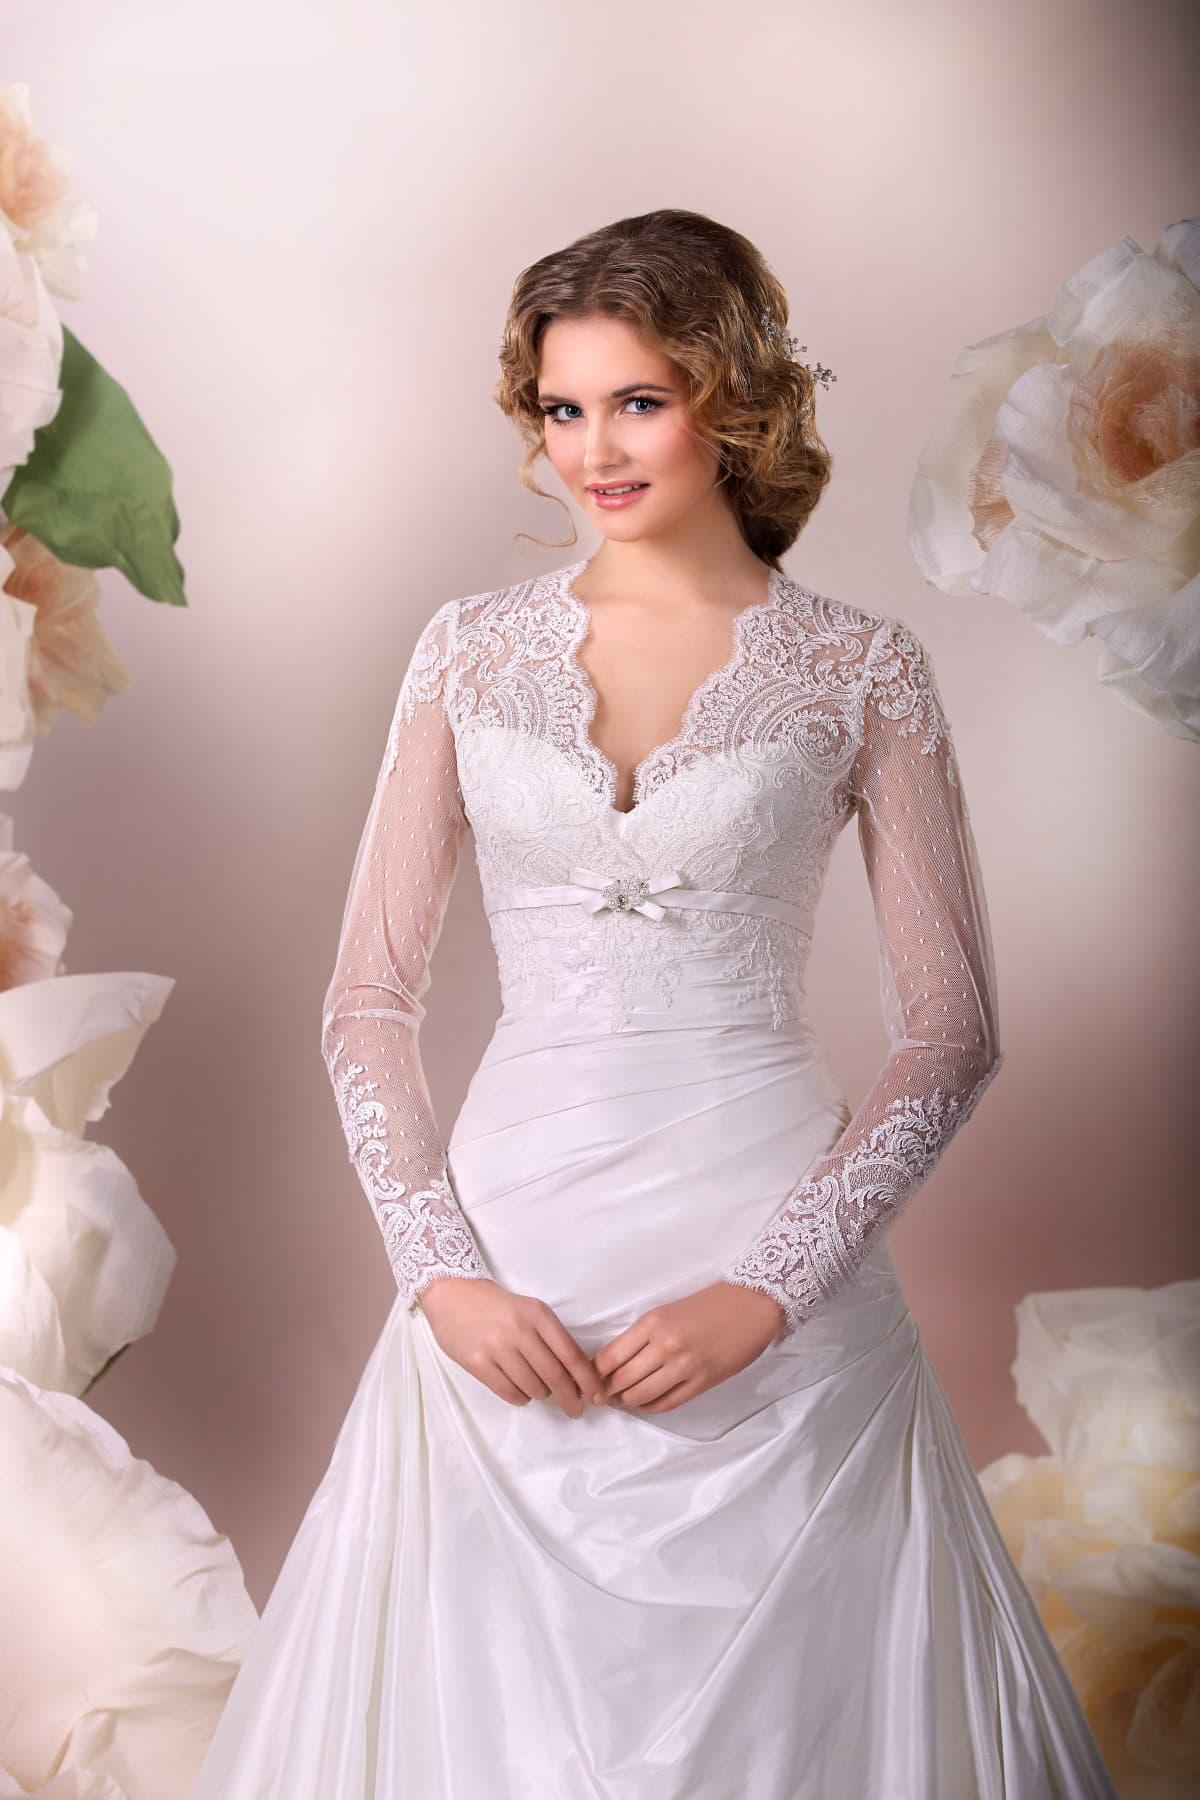 Кружевное свадебное платье с юбкой силуэта «принцесса» и V-образным вырезом лифа.